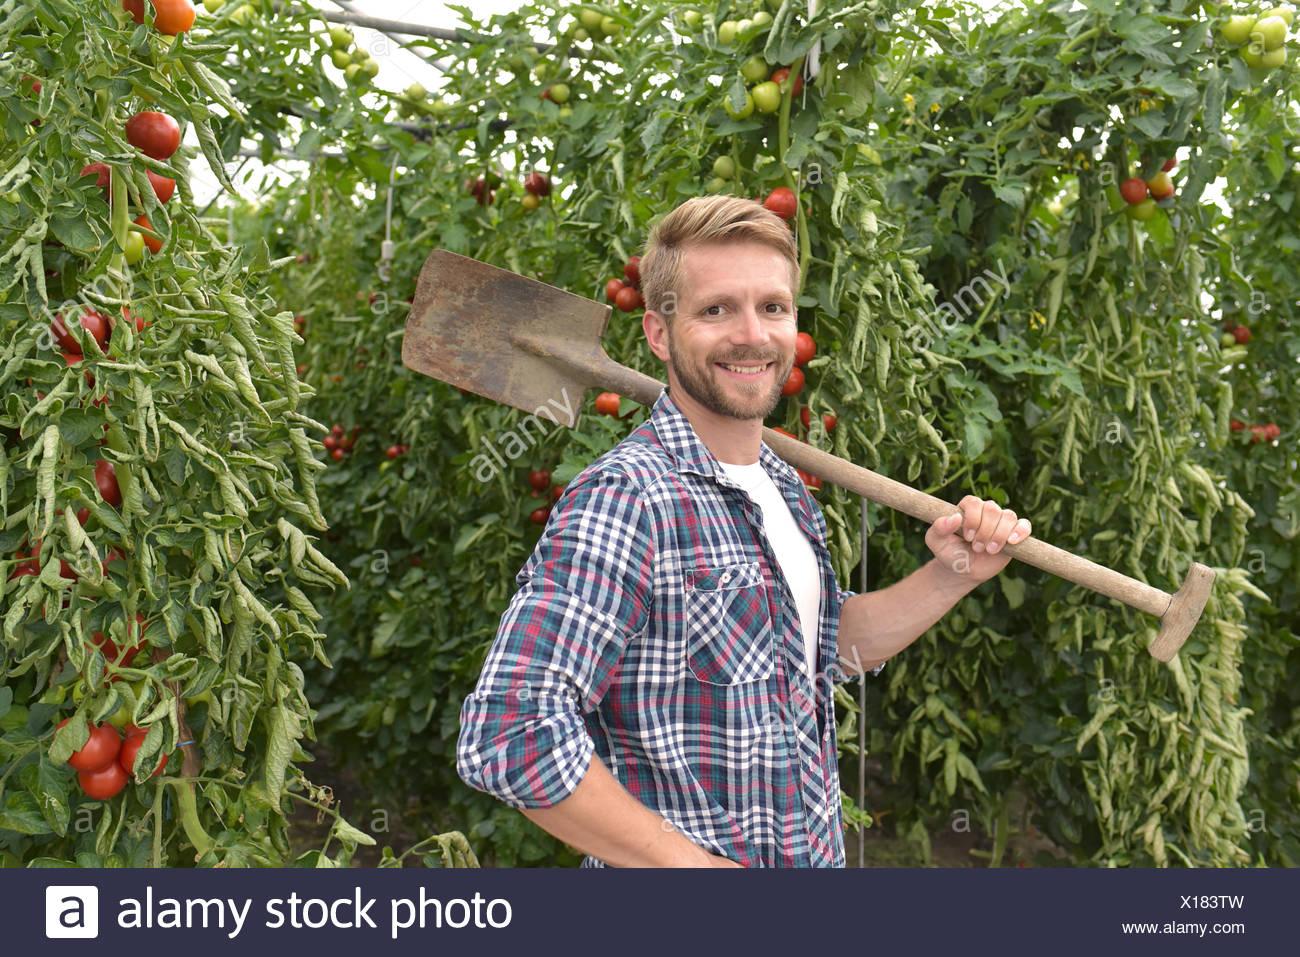 Retrato de contenido jardinero en invernadero con plantas de tomate Imagen De Stock